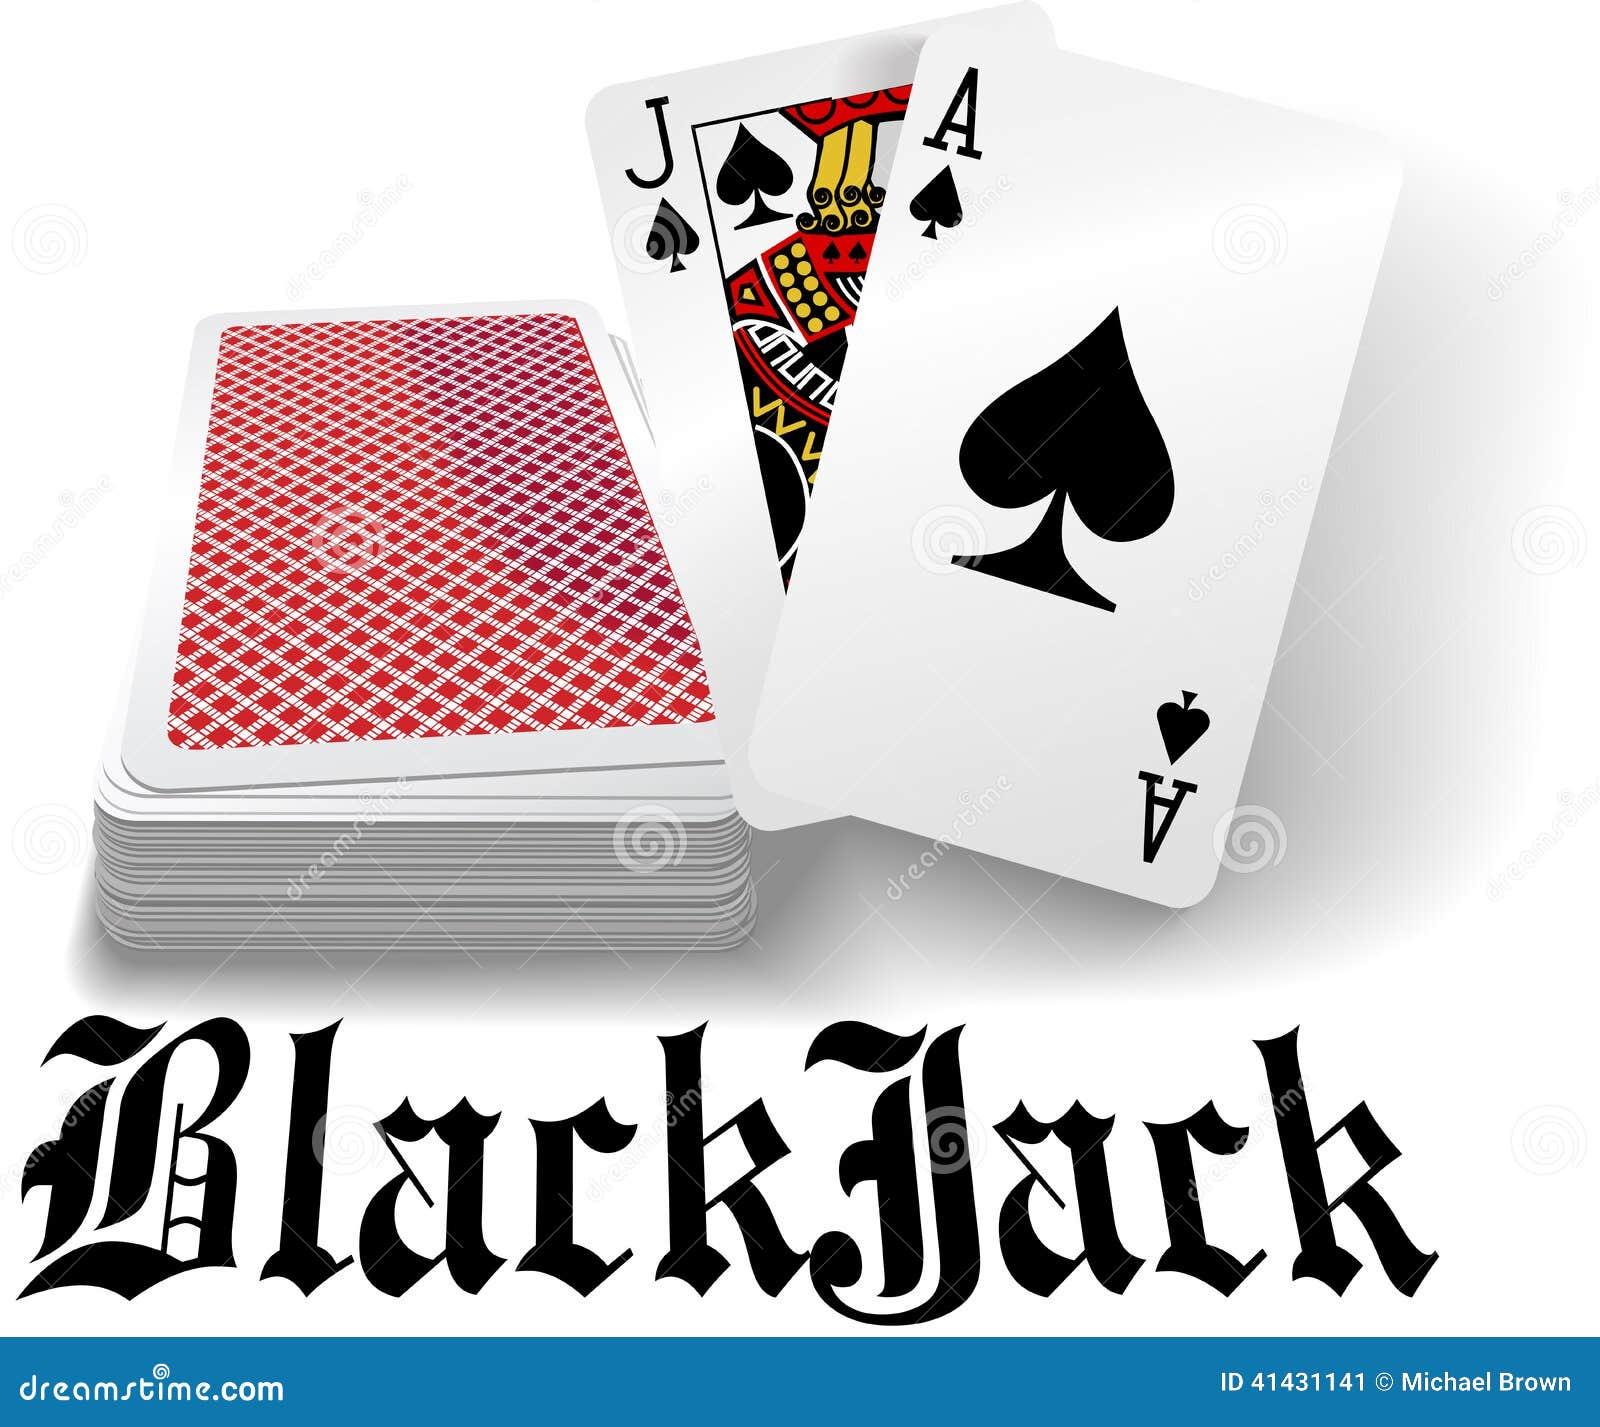 black jack deck